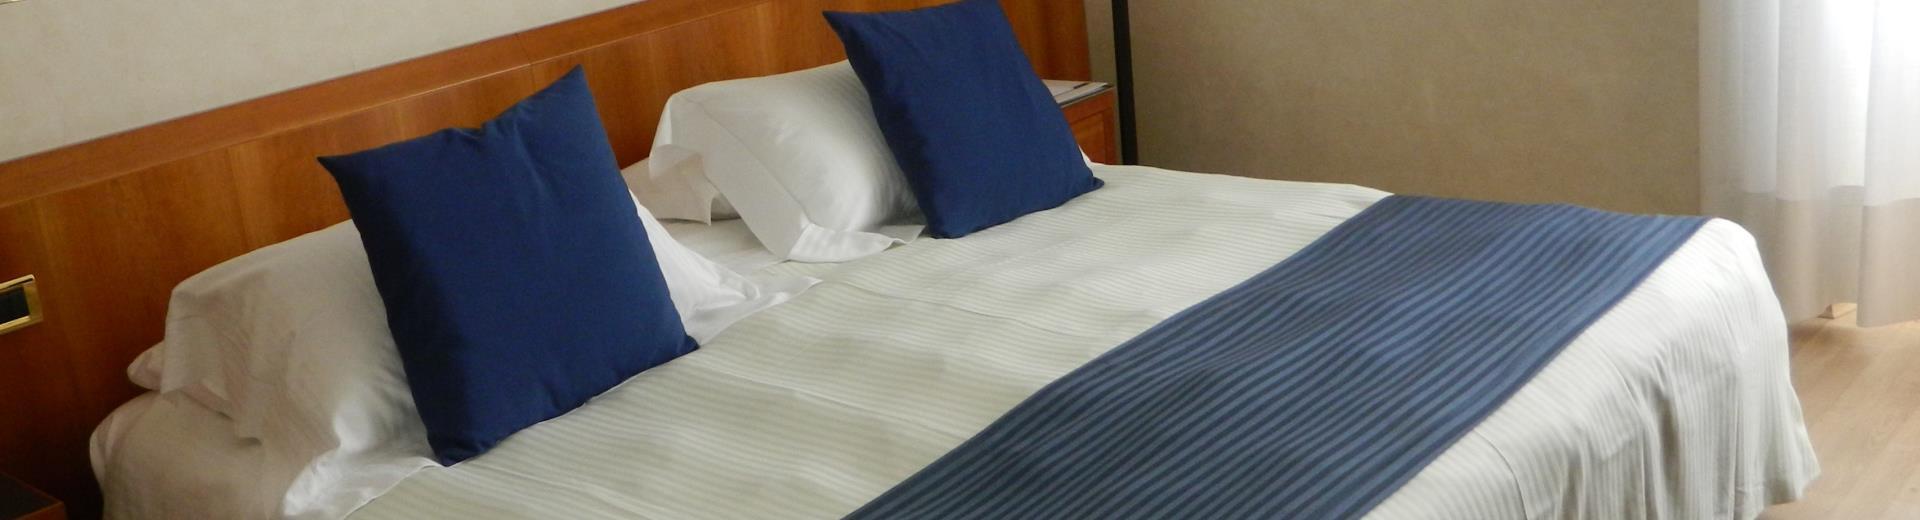 Camera Matrimoniale A Bergamo.Camere Classic Bergamo Centro Hotel 4 Stelle Hotel Cappello D Oro